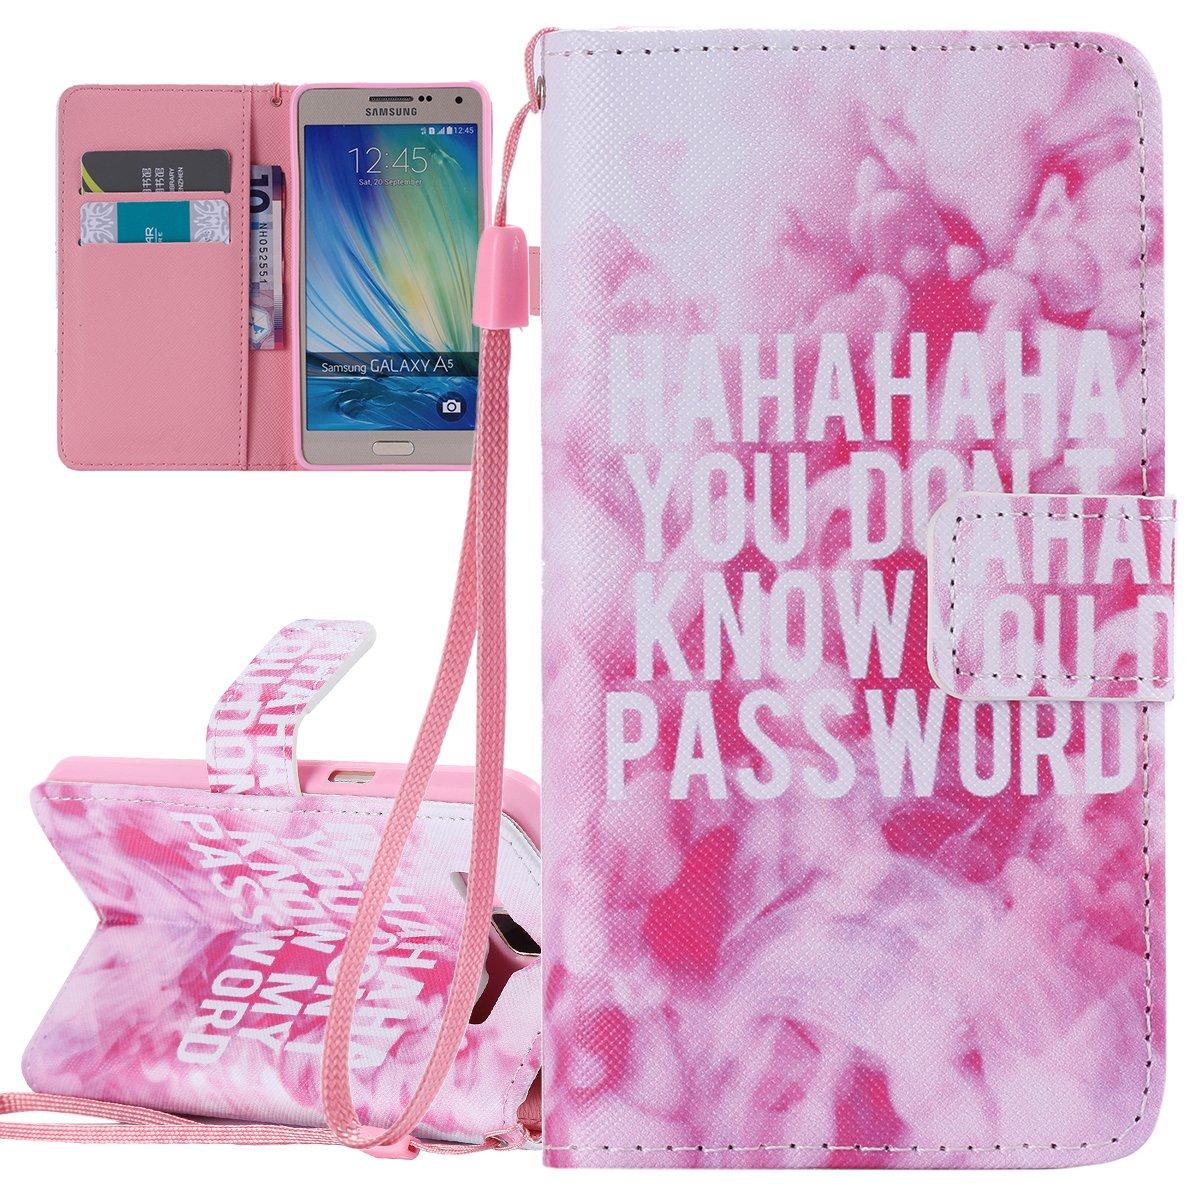 ISAKEN Custodia Samsung Galaxy A5 2015, Galaxy A5 2015 Flip Cover Libro Portafoglio Wallet Cover Albero Design in Pelle PU Protezione Caso con Supporto di Stand/Carte Slot/Chiusura - Albero: Blu FASNO011687